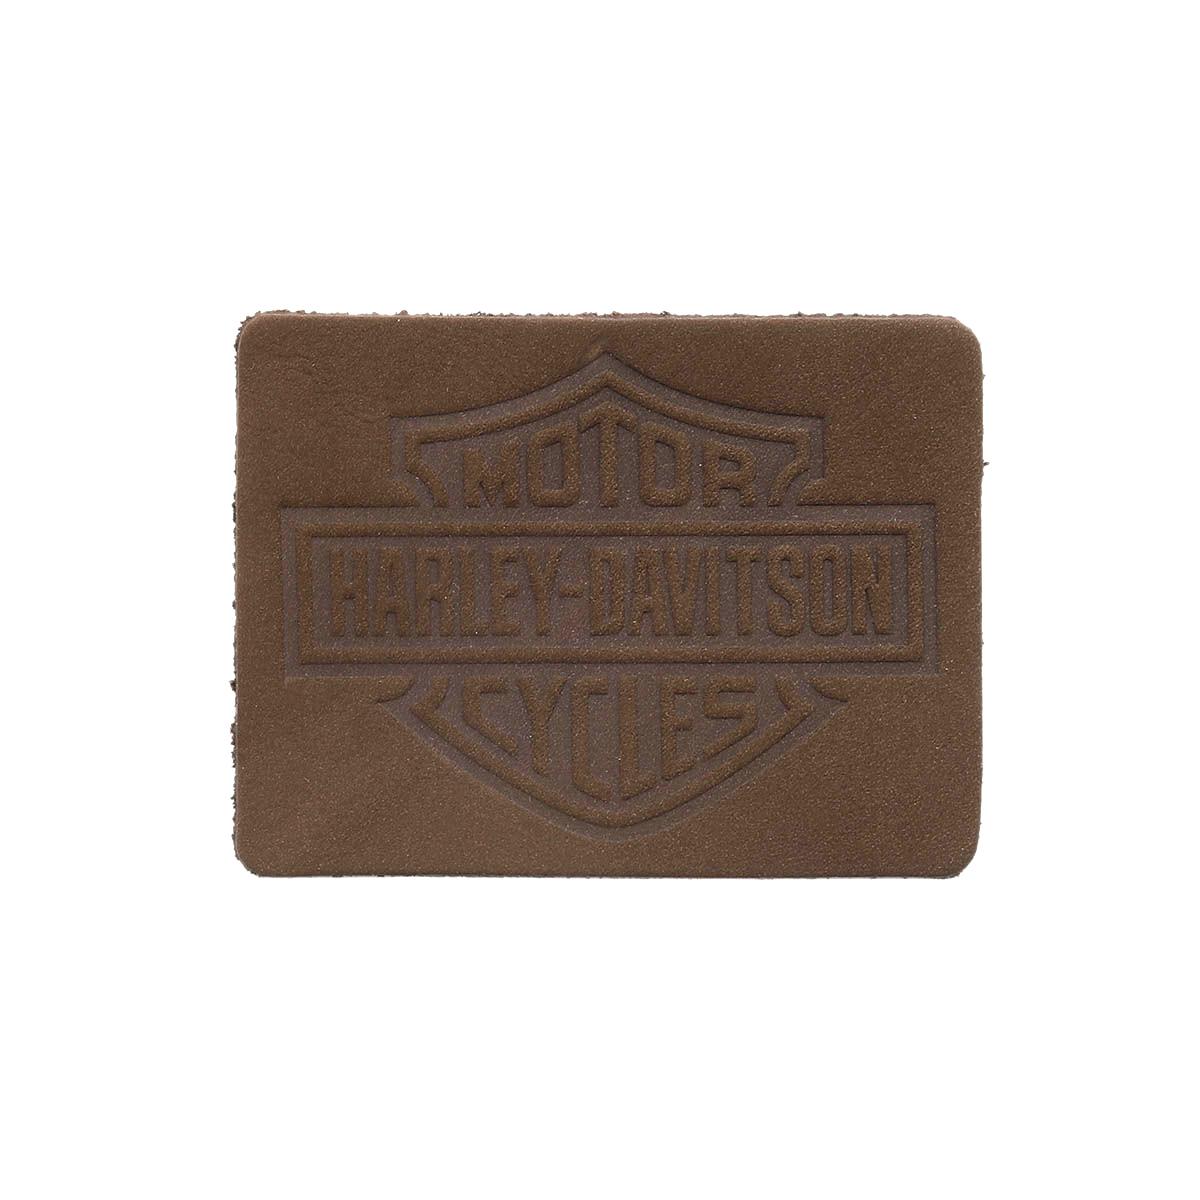 10 Термоаппликация из кожи Харли Дэвидсон 7*5,25см, 100% кожа